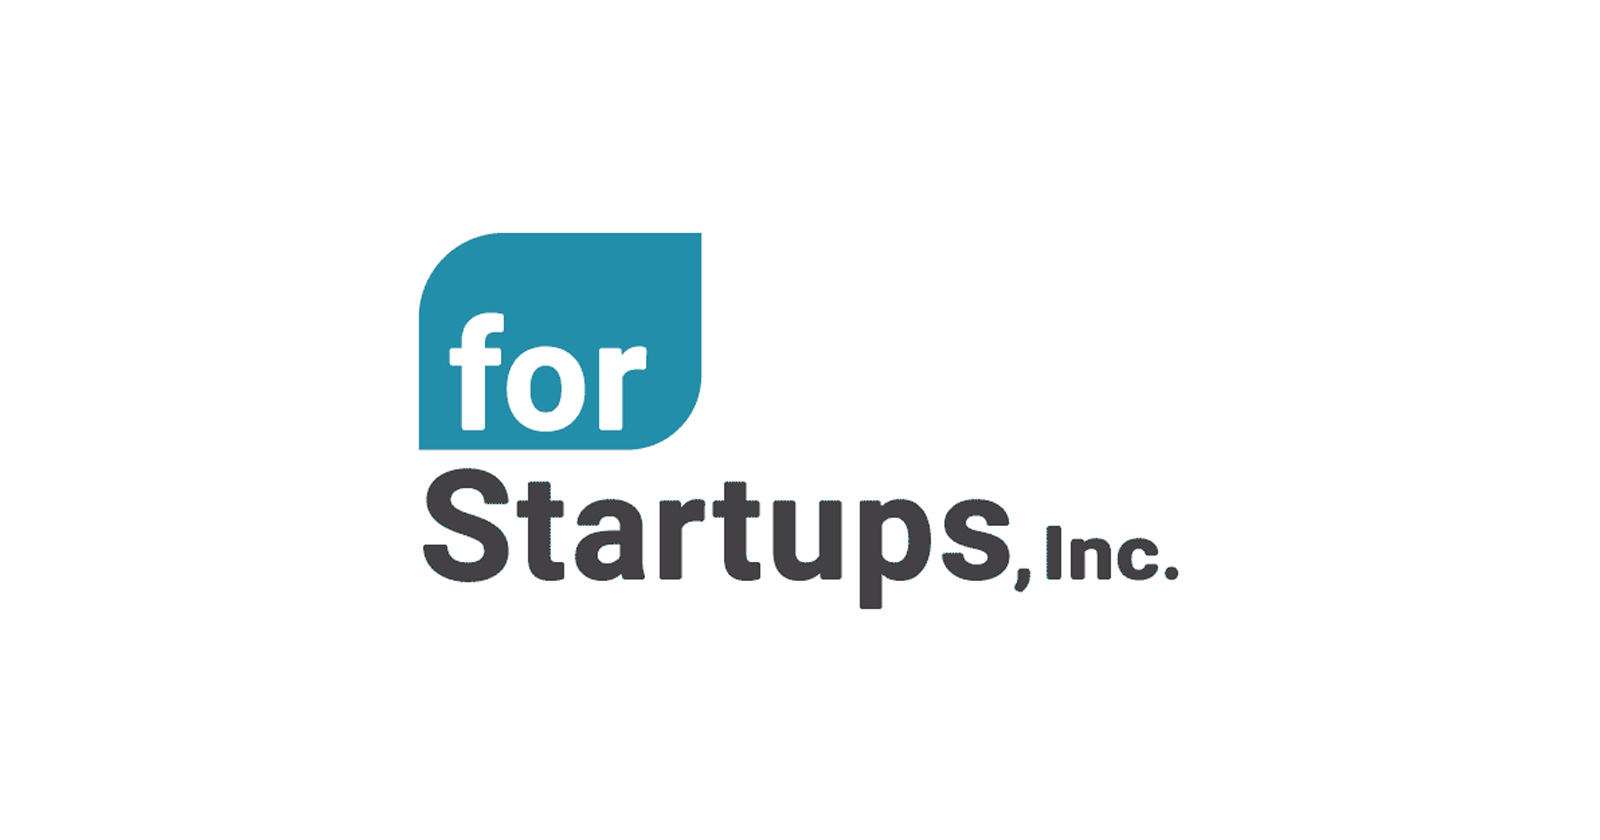 フォースタートアップス、スタートアップ特化型のエンジニア支援サービスを提供開始